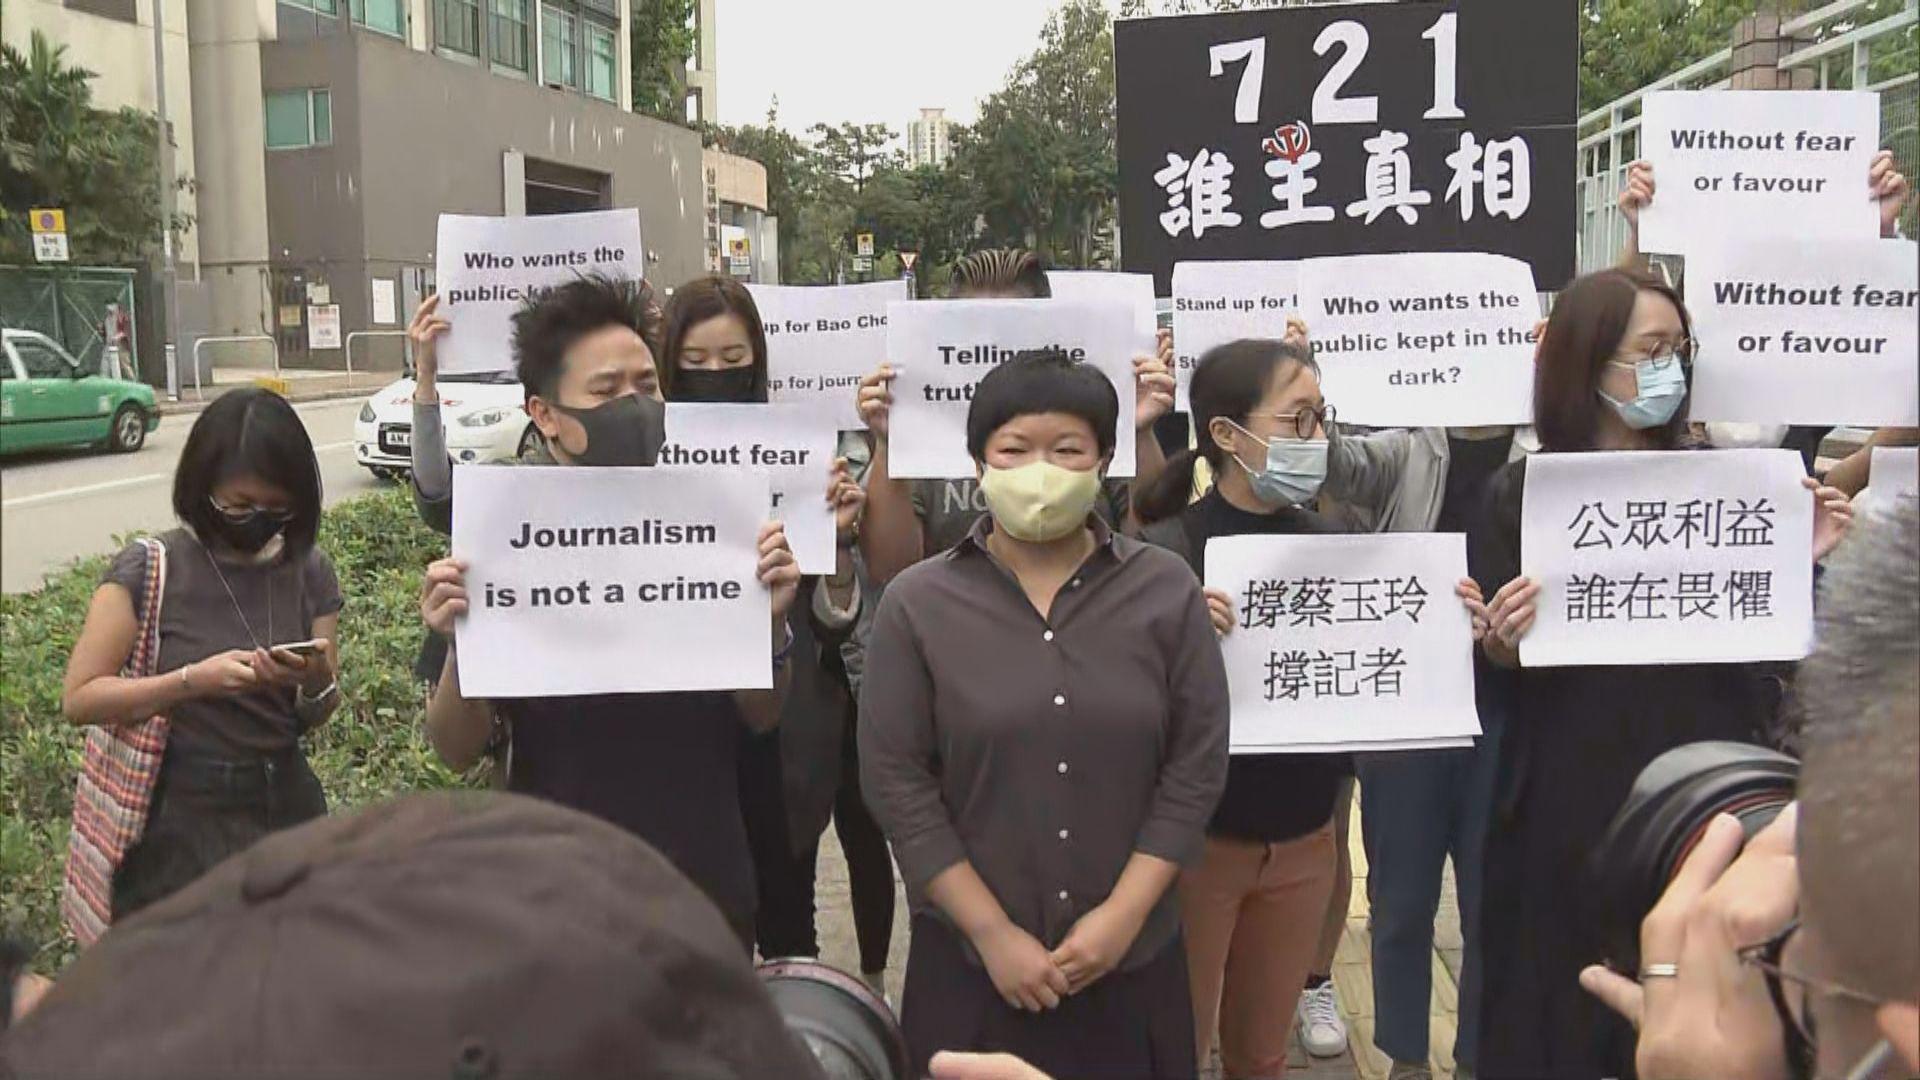 港台編導蔡玉玲被控虛假陳述提堂 促政府調整行政措施